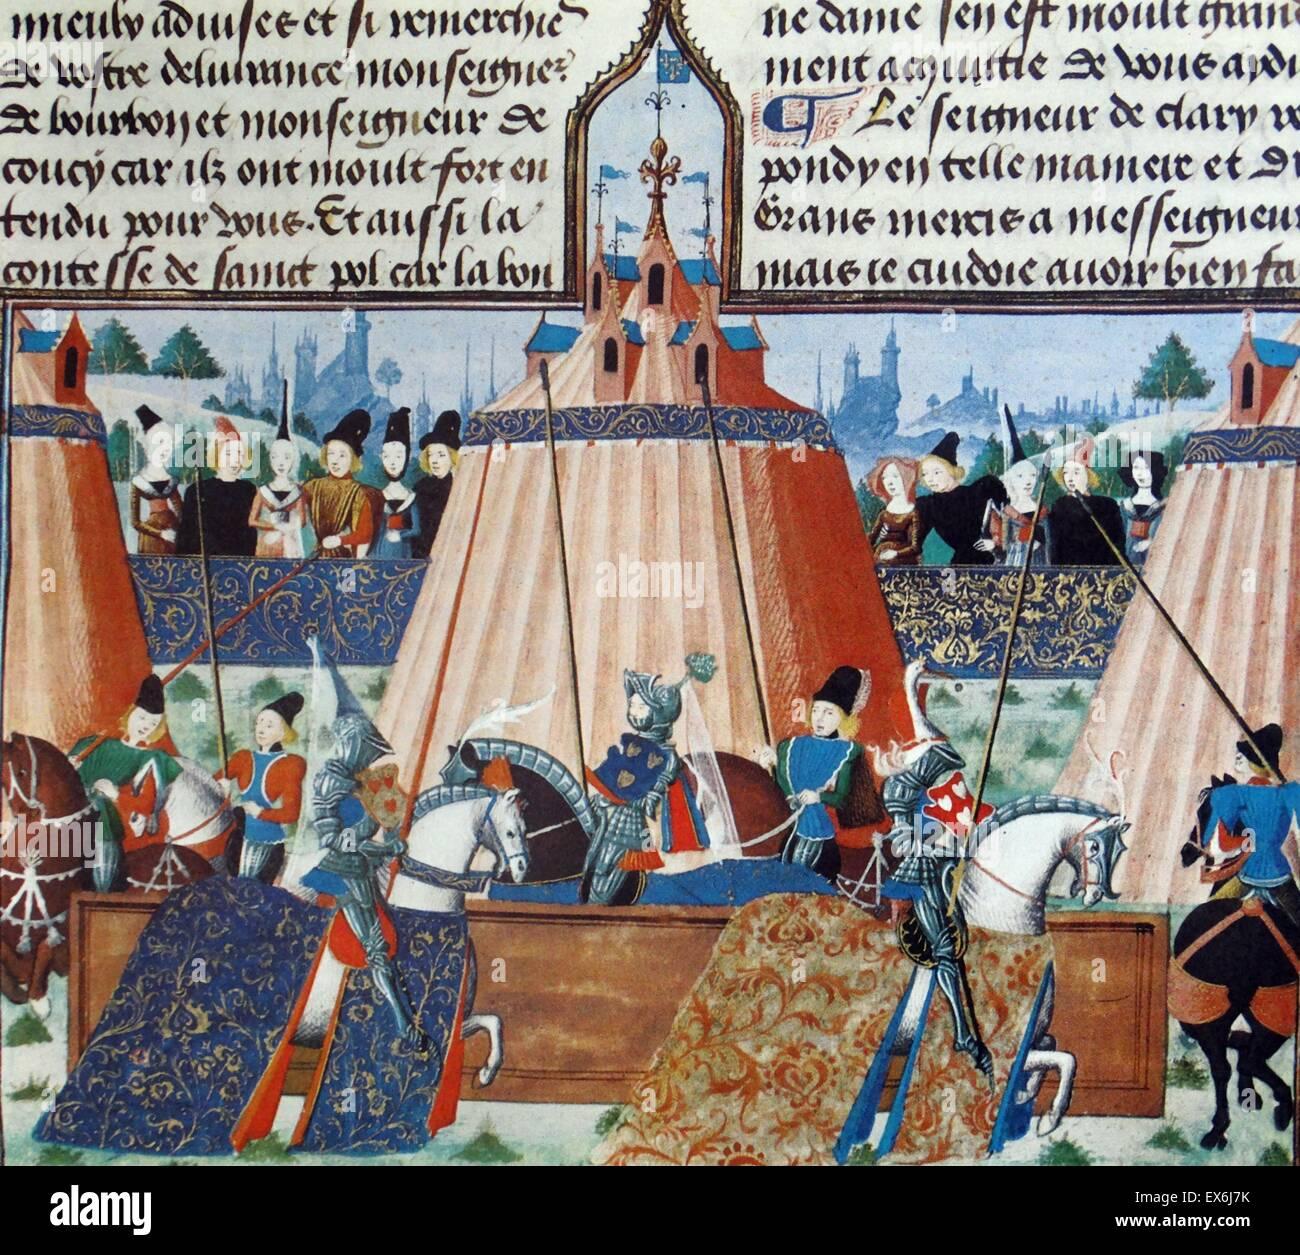 """El concepto medieval de caballerías y caballeresca, mostrado en el torneo """"justas de Ingleuerch' de Imagen De Stock"""